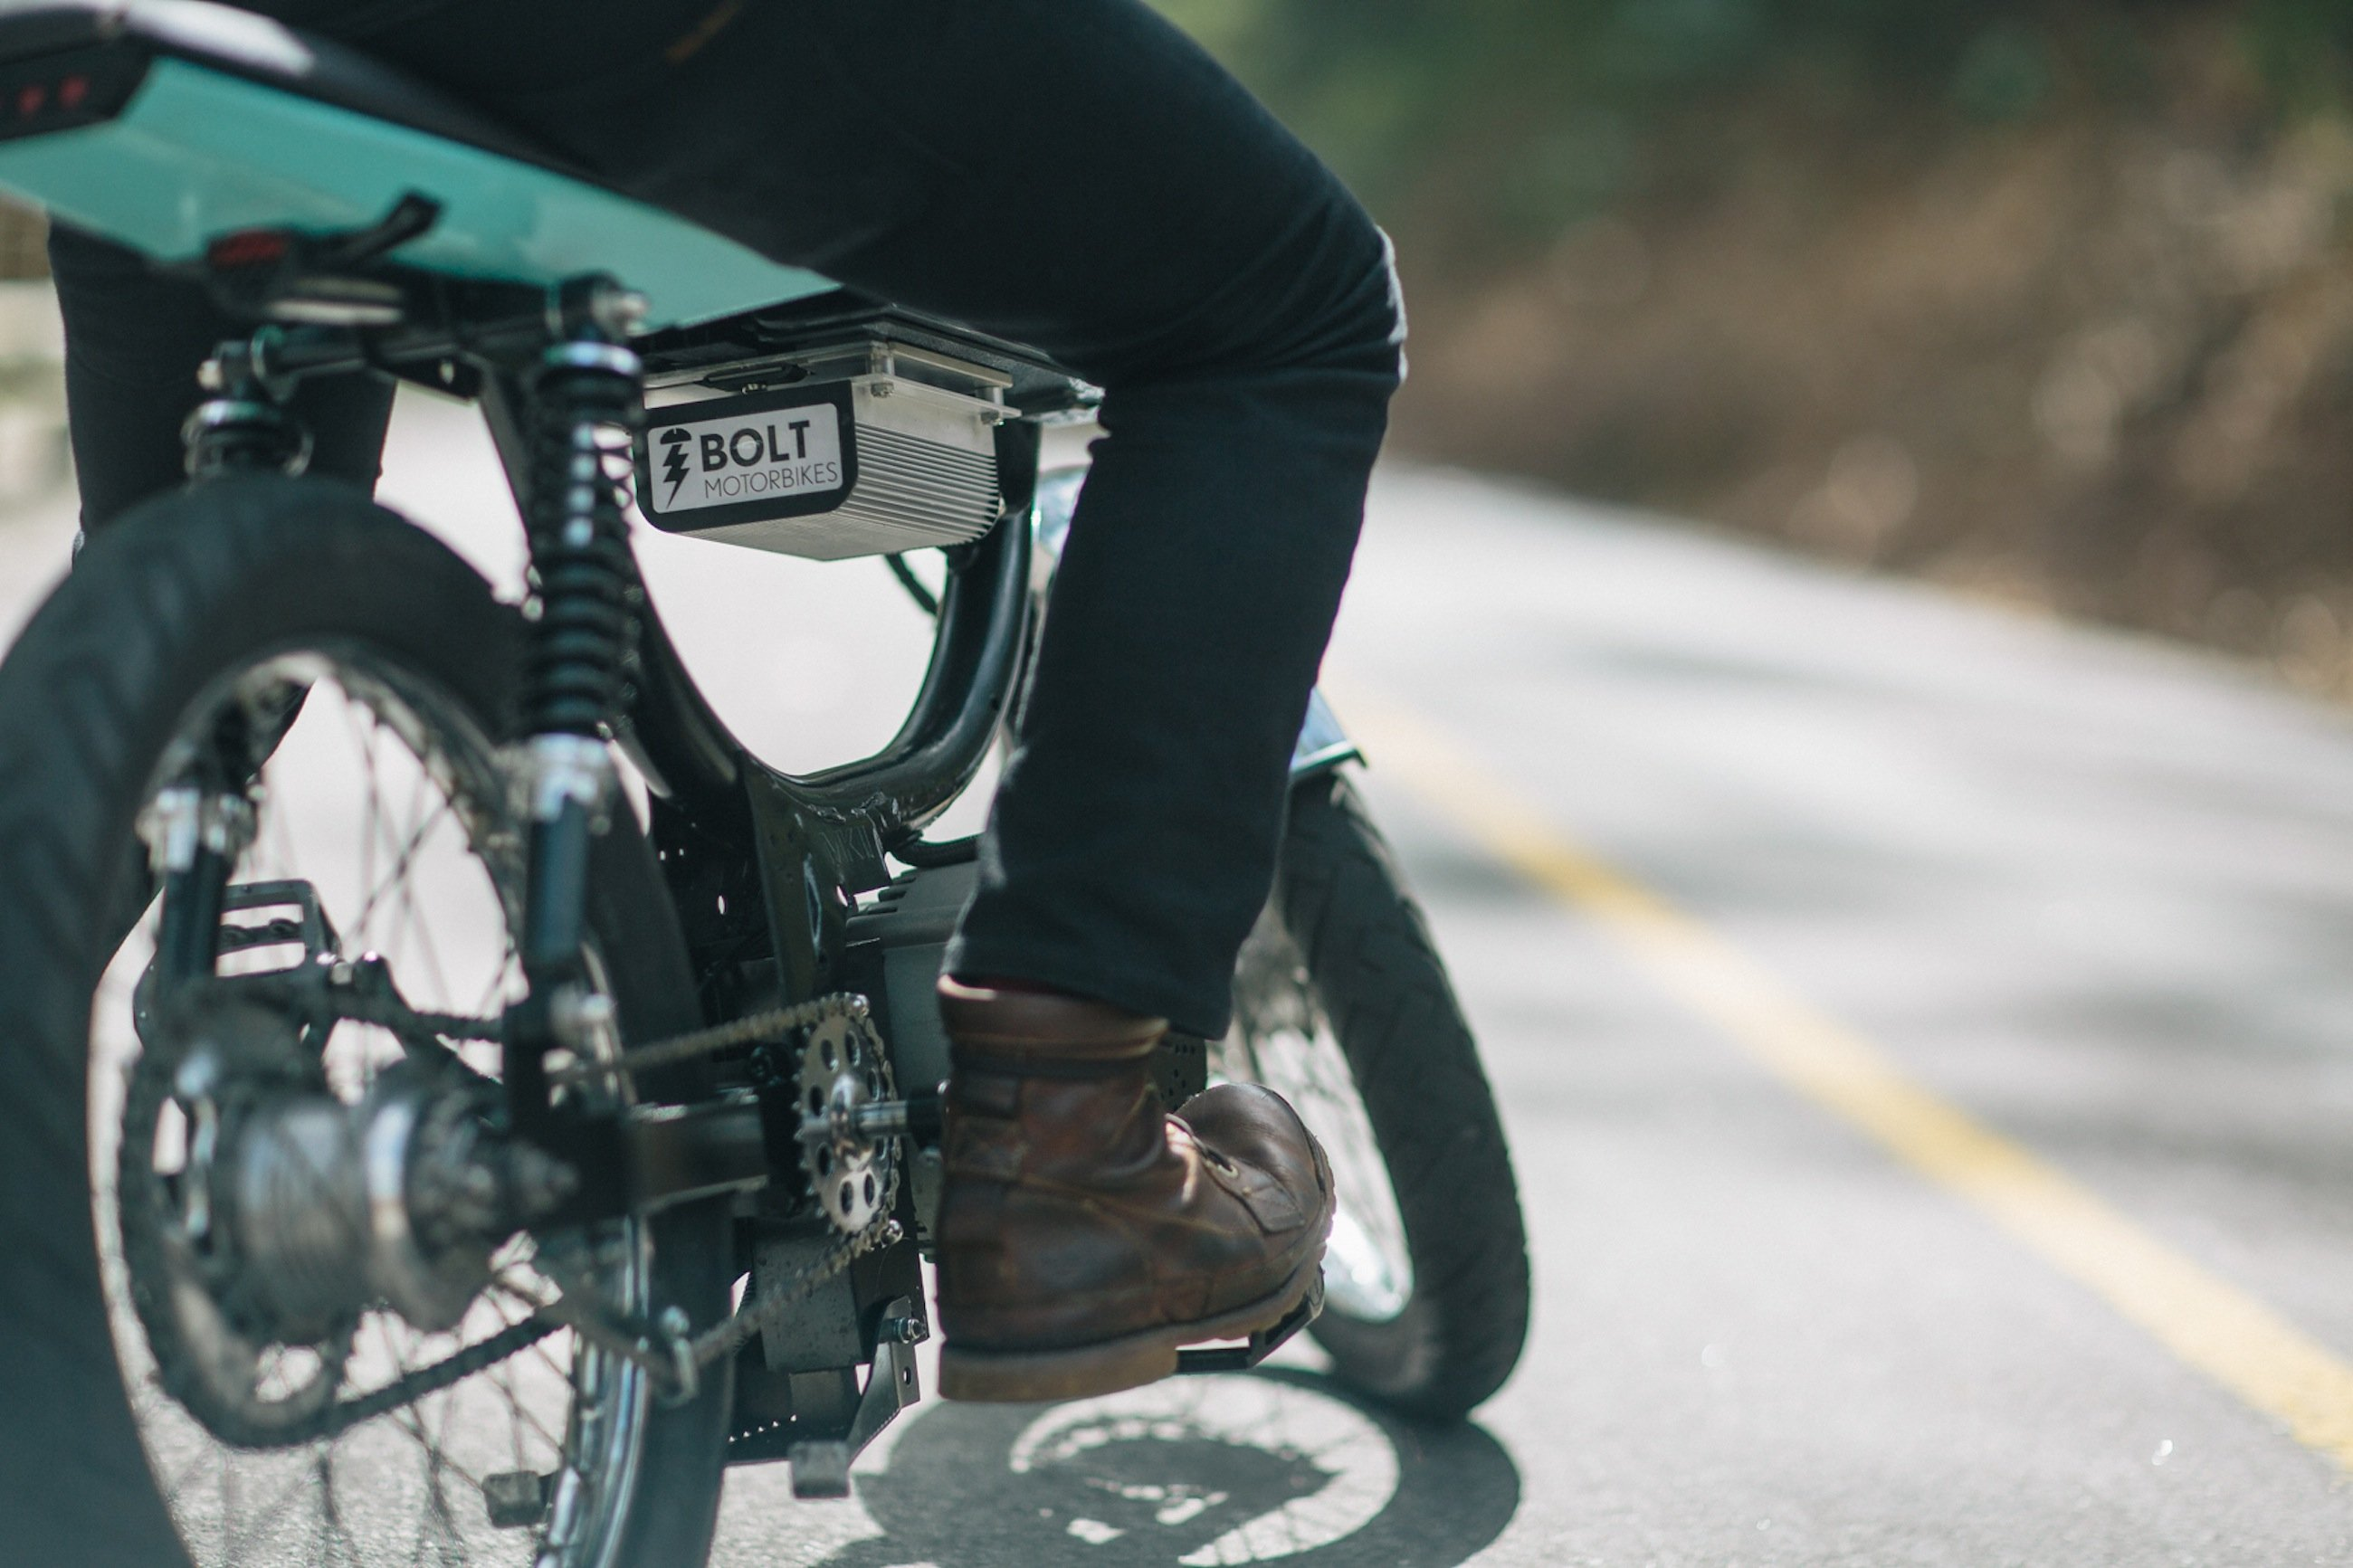 Das Bolt M-1 ist eine Mischung aus Pedelec und Moped. Es verfügt auch über Pedale und Kettenantrieb. Im Pedelec-Modus erreicht das Bike eine Geschwindigkeit von bis zu 32 km/h. In Deutschland zugelassen sind nur 25 km/h.